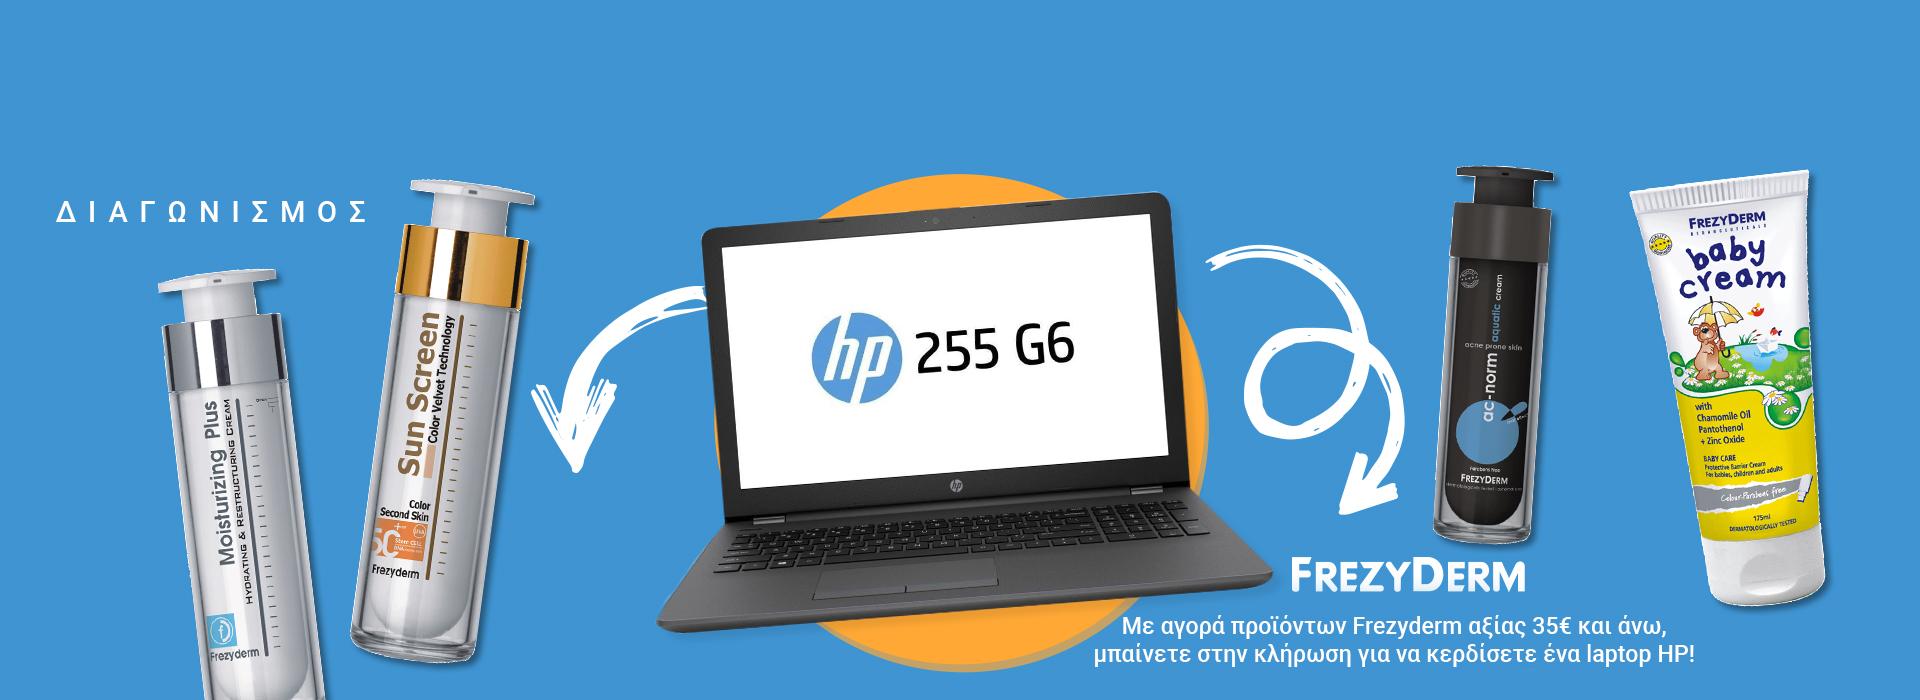 Μεγάλος διαγωνισμός Frezyderm! Ένας τυχερός θα κερδίσει laptop HP!